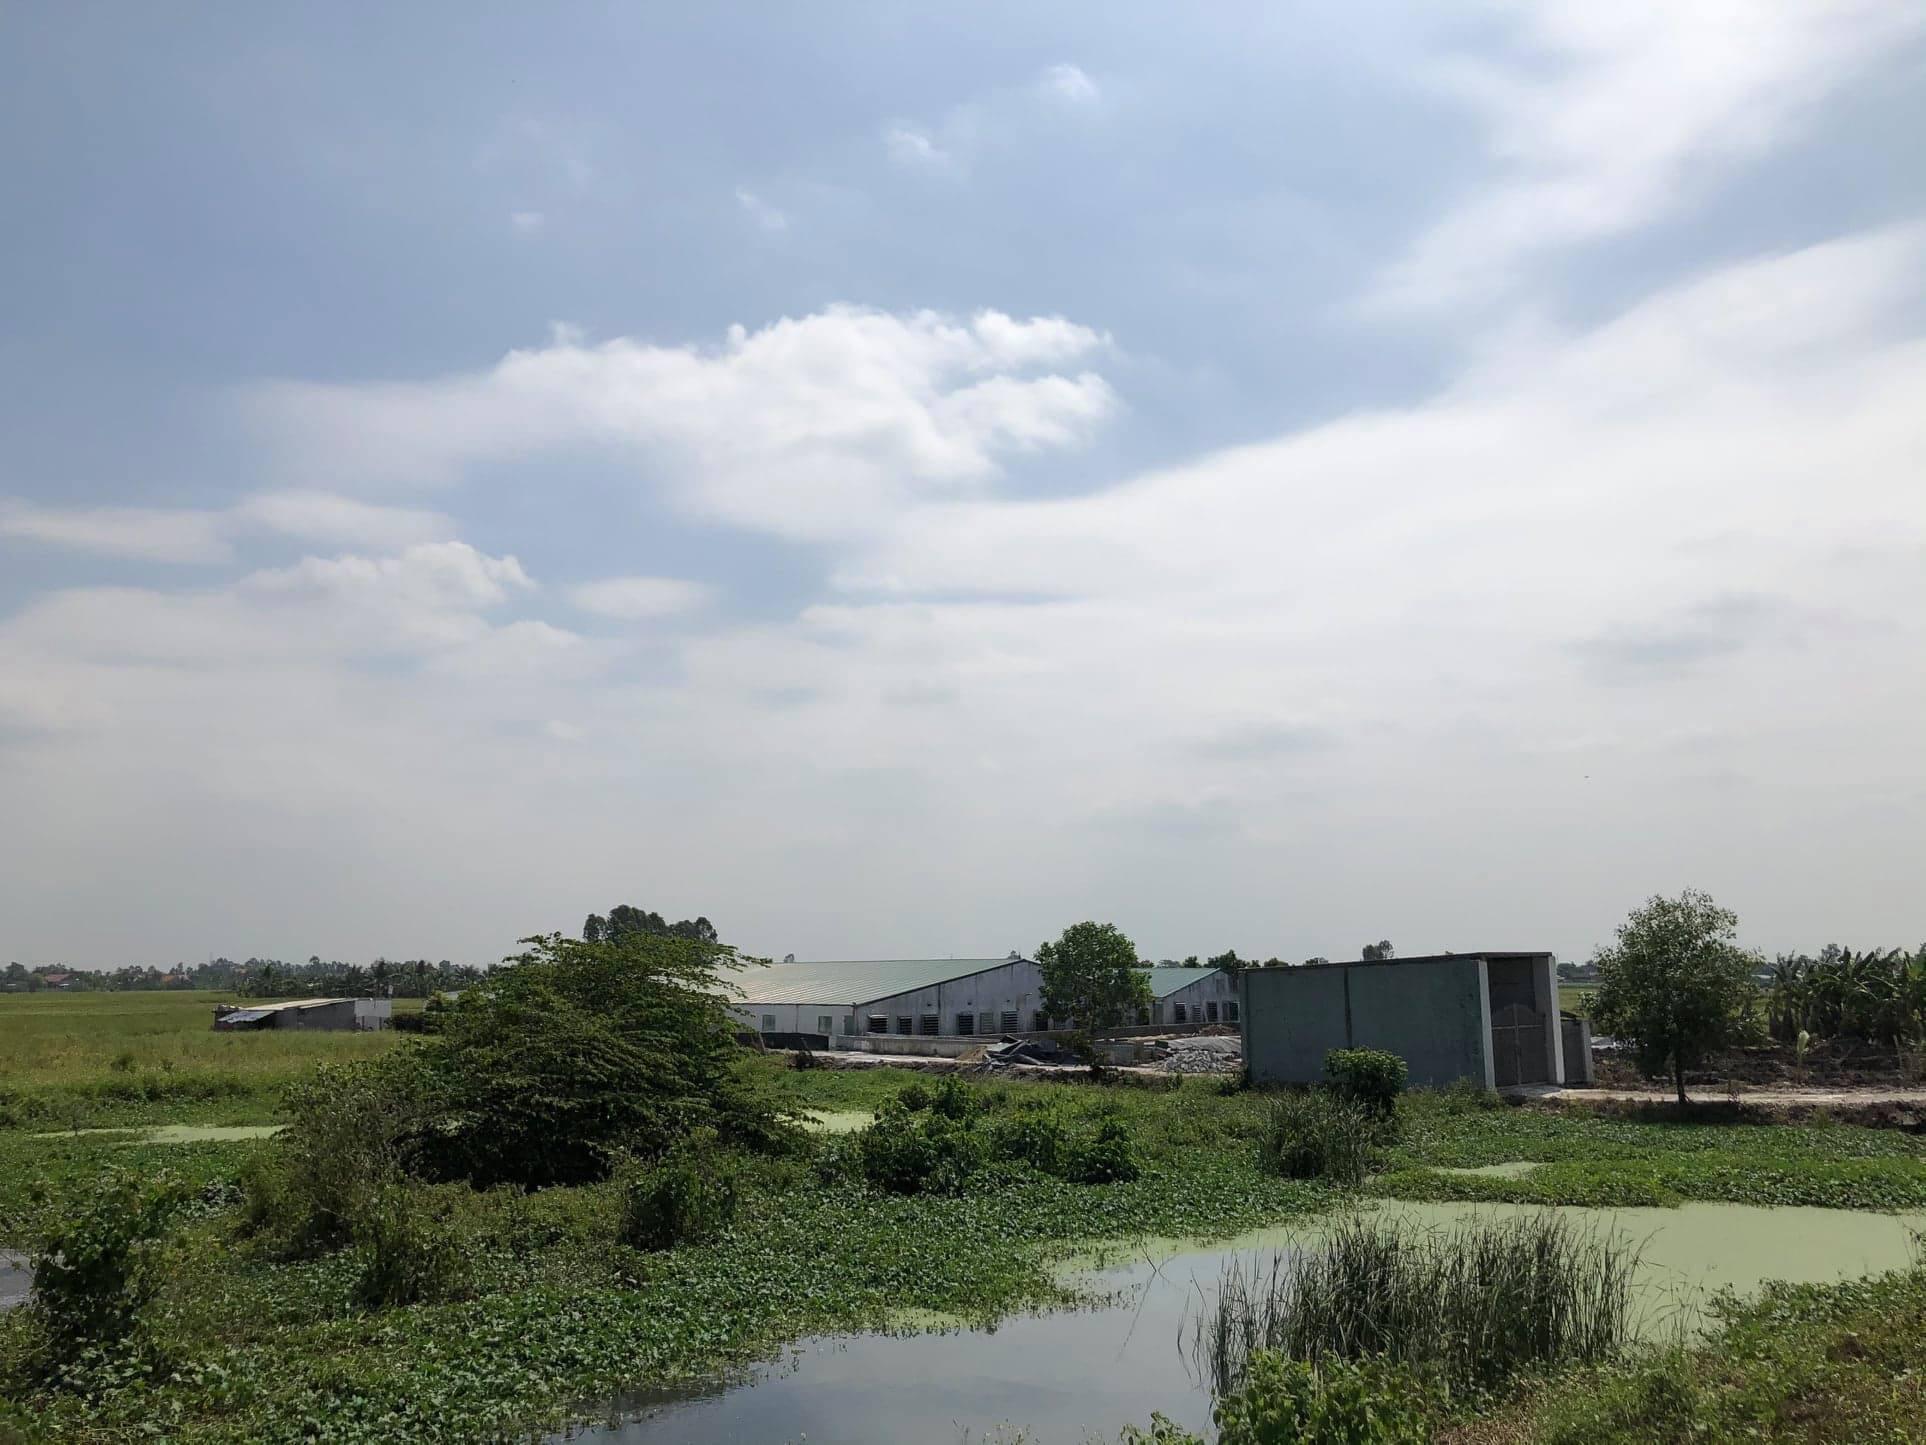 Hải Phòng: 8 trại lợn thi nhau xả thải, phân đặc kín dòng kênh - Ảnh 1.